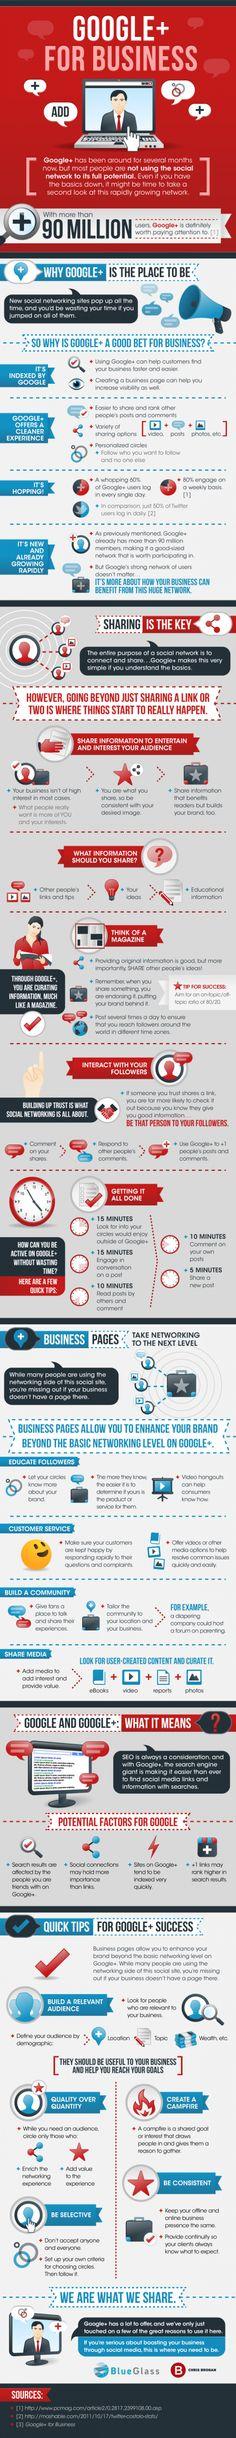 Infografik, Google+ für Unternehmen  http://www.futurebiz.de/artikel/google-fur-unternehmen-infografik/